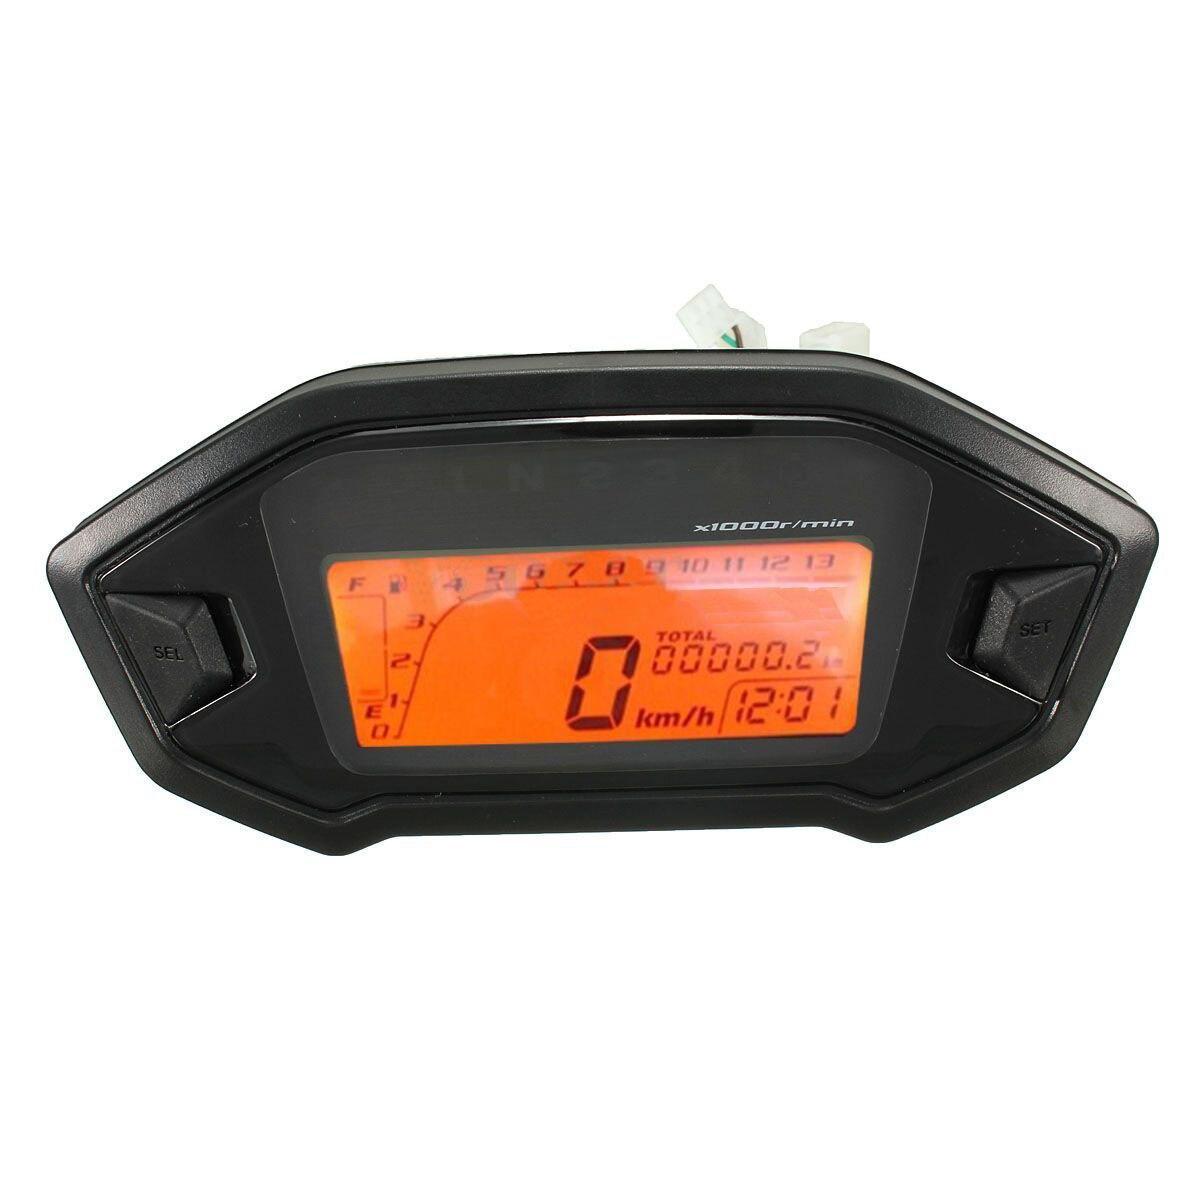 3 Pcs of (Motorcycle Odometer Speedometer Tachometer Gauge Universal LCD Digital Backlight)